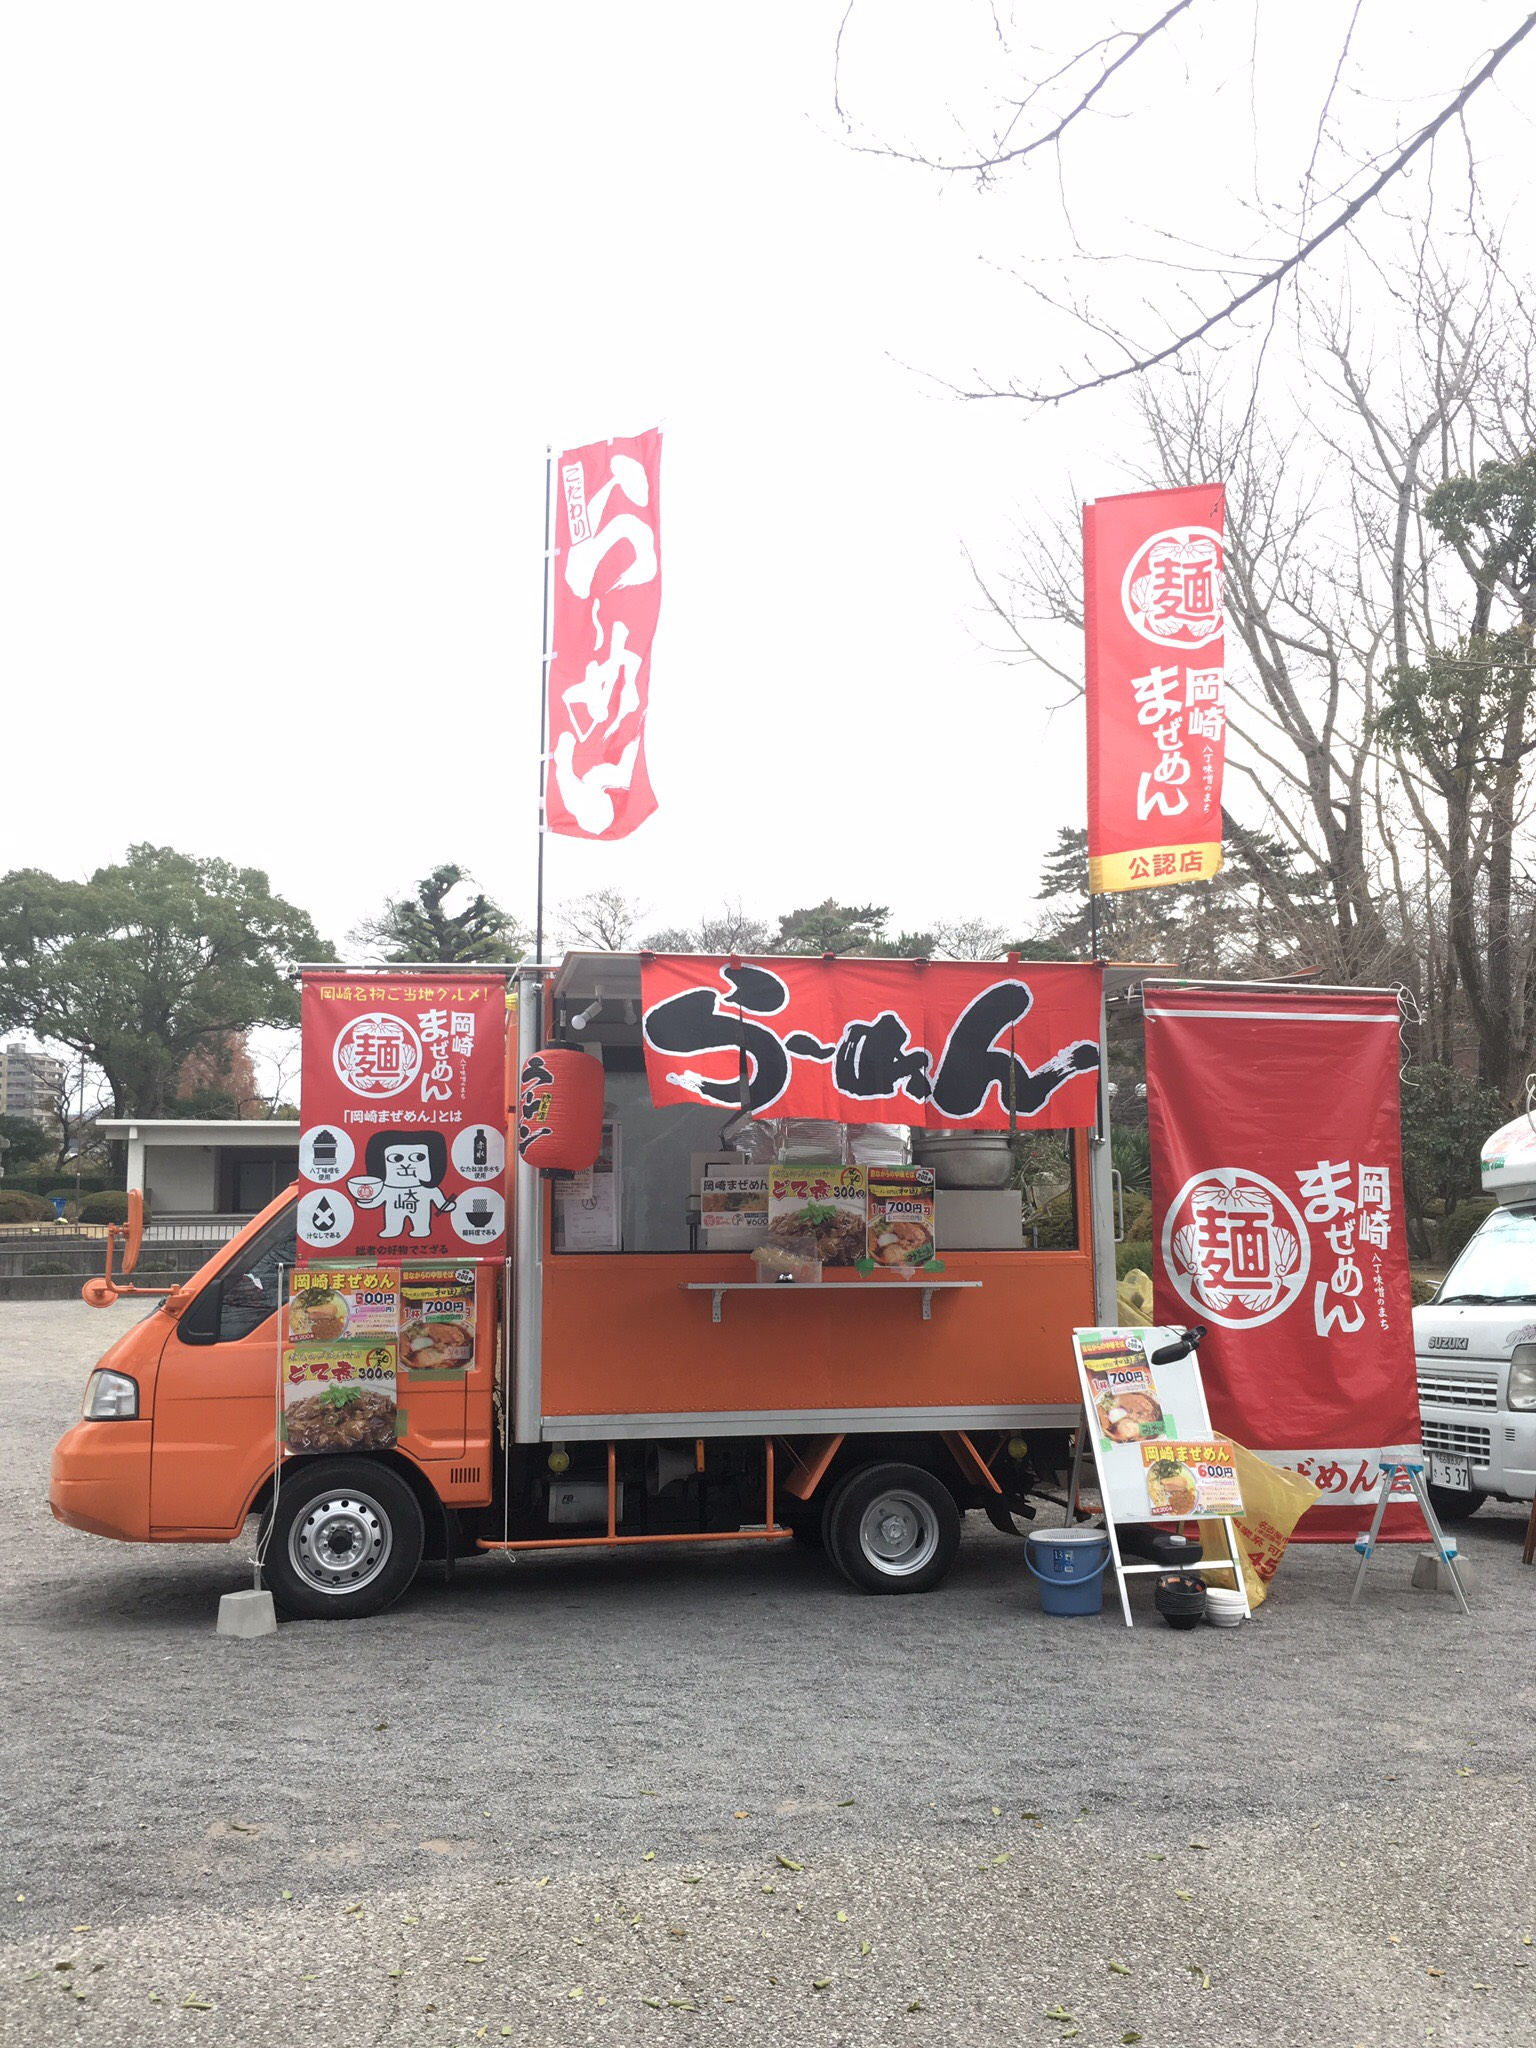 和田屋,キッチンカー,移動販売車,フードトラック,出店,愛知,ラーメン,ラーメン専門店,岡崎まぜめん